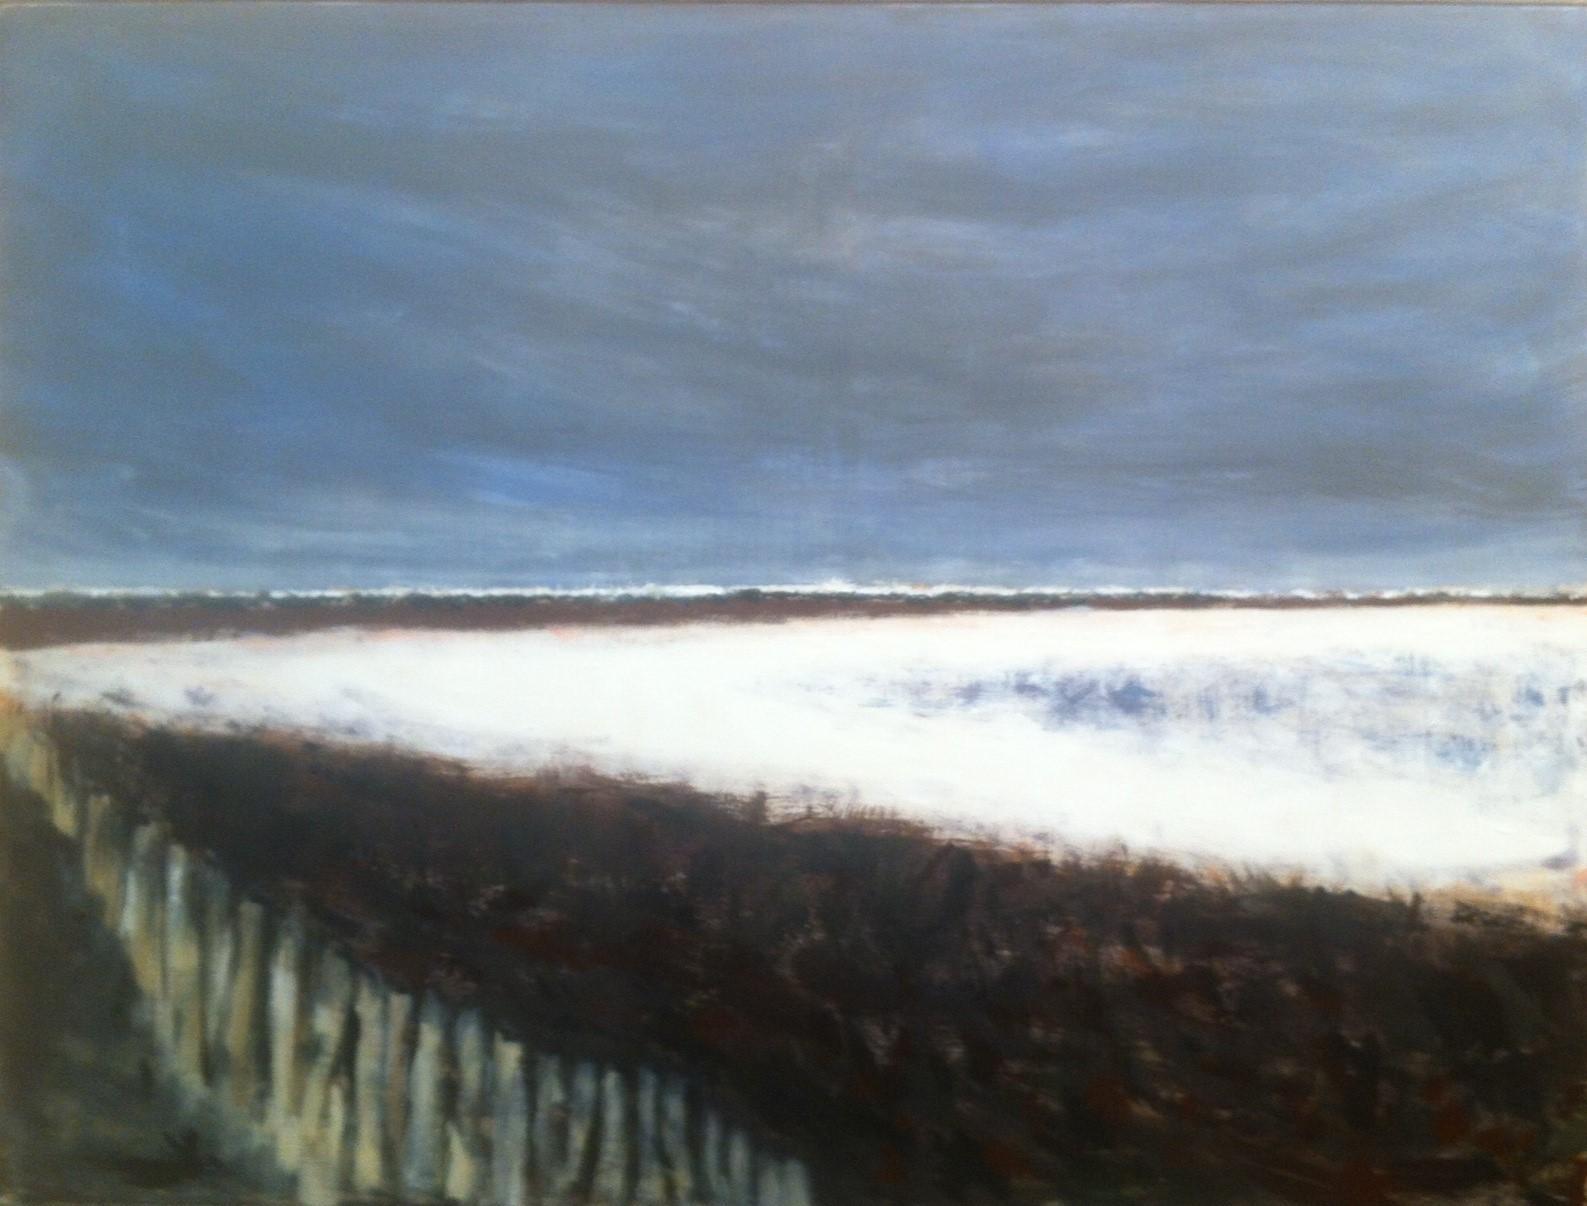 N° 1807 - Etang de sel - Acrylique sur toile - 97 x 130 cm - 17 février 2015